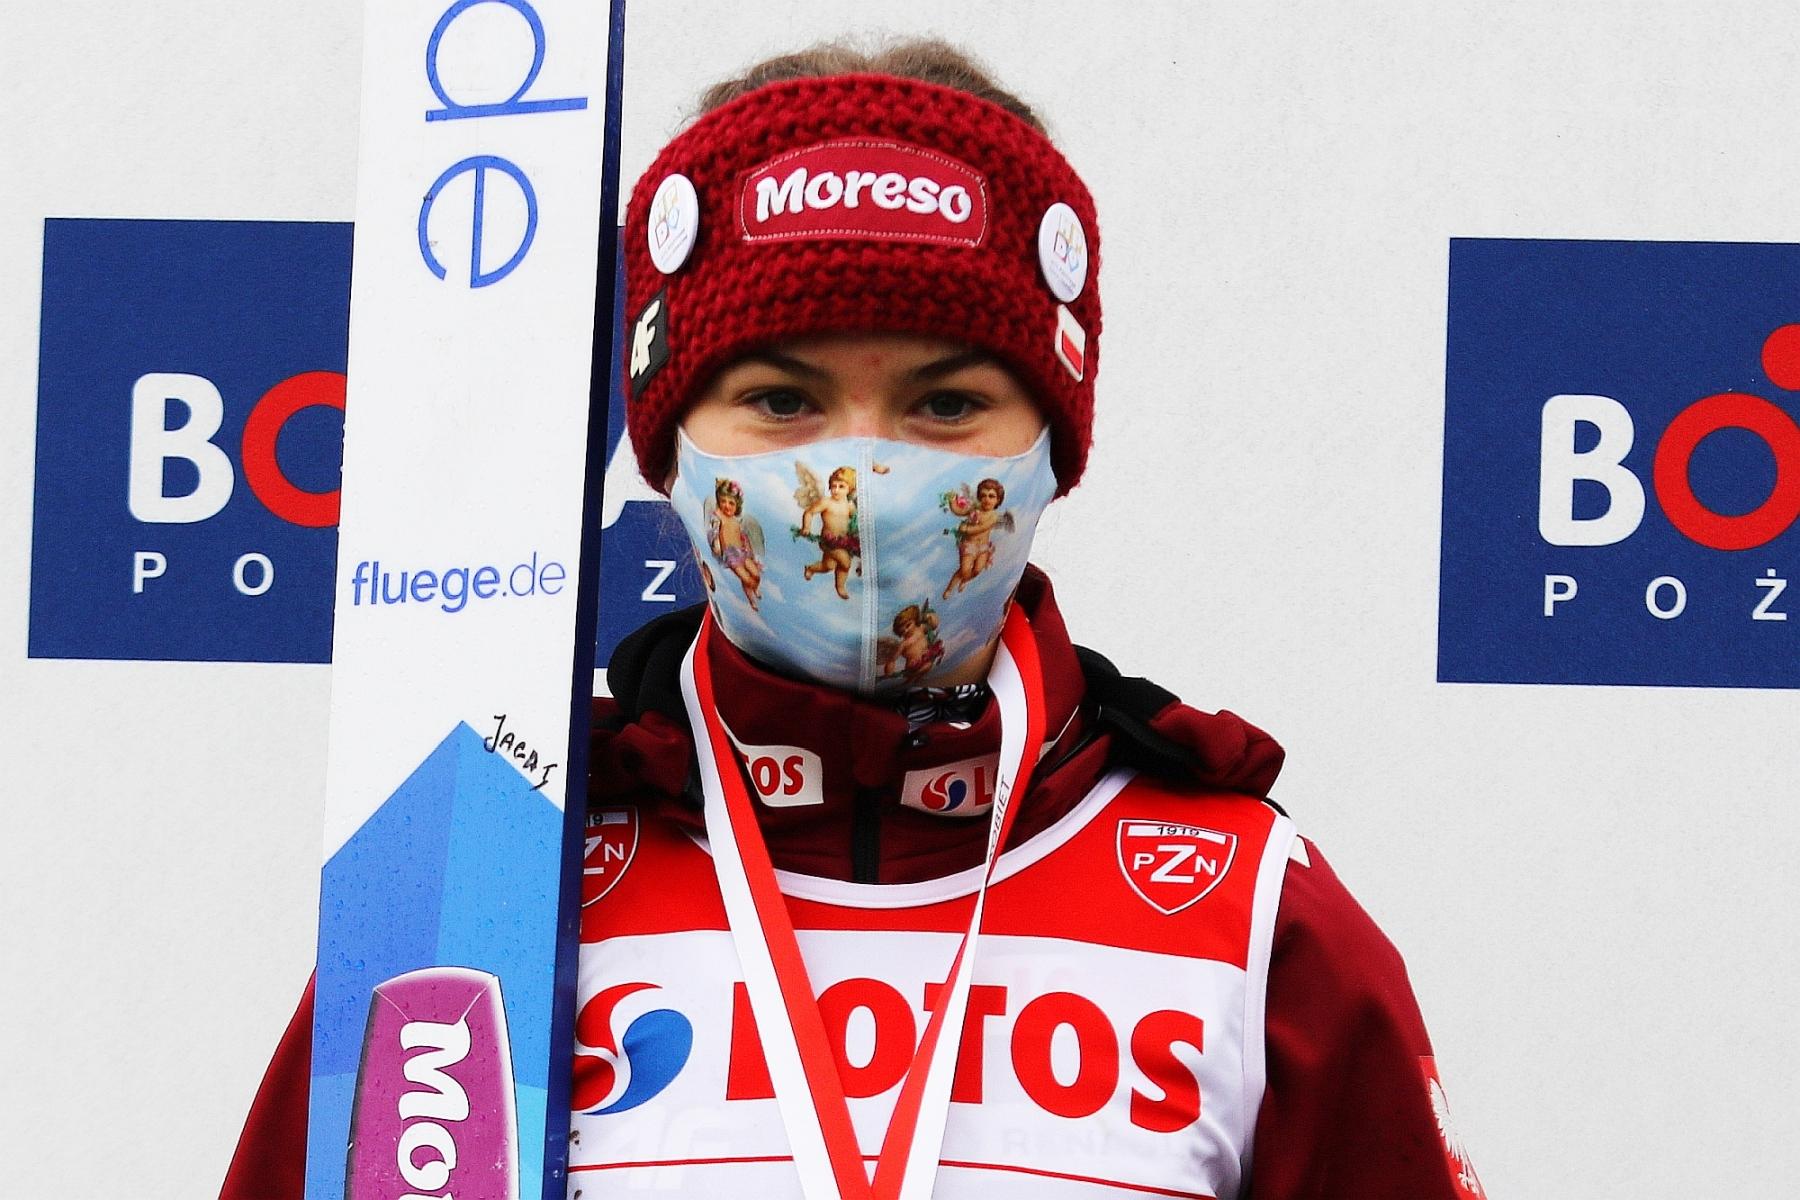 MistrzostwaPolskiKobiet Szczyrk2020 fot 41 - FIS Cup Szczyrk: Premierowe zwycięstwo Indrackovej, Karpiel na podium!